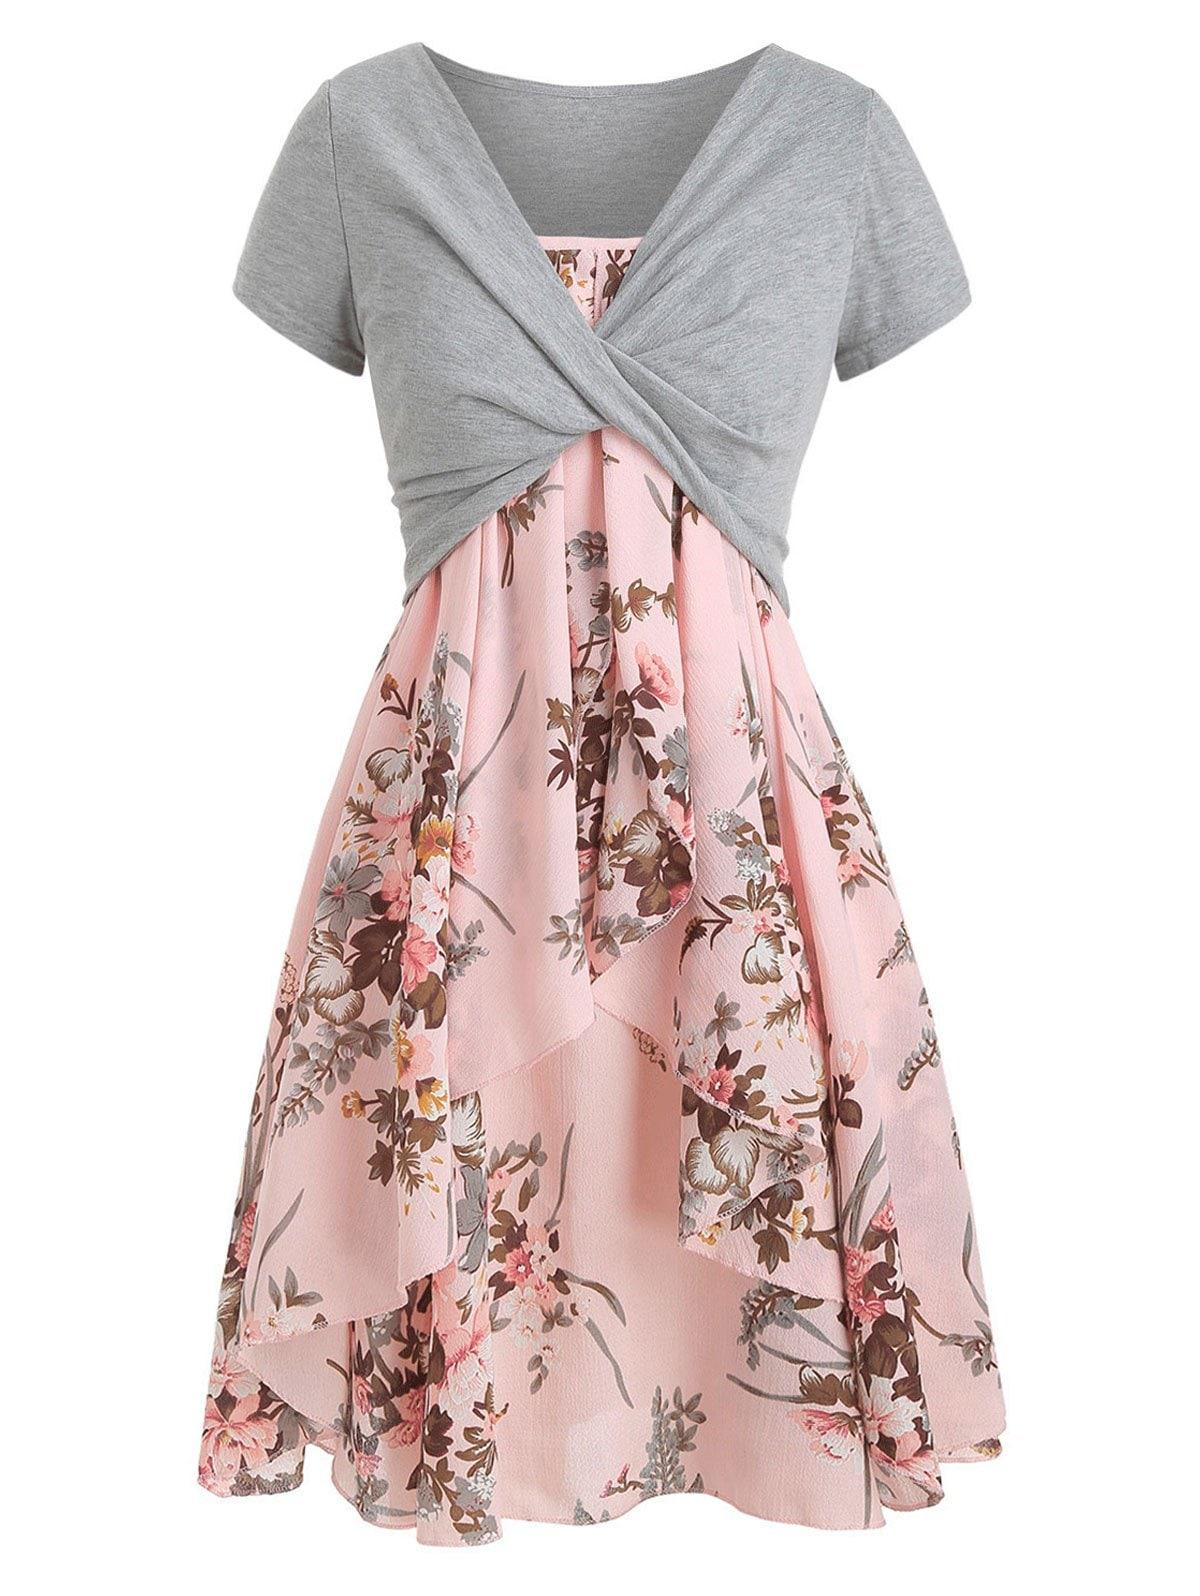 Cami Flower Dress with Crop T-shirt